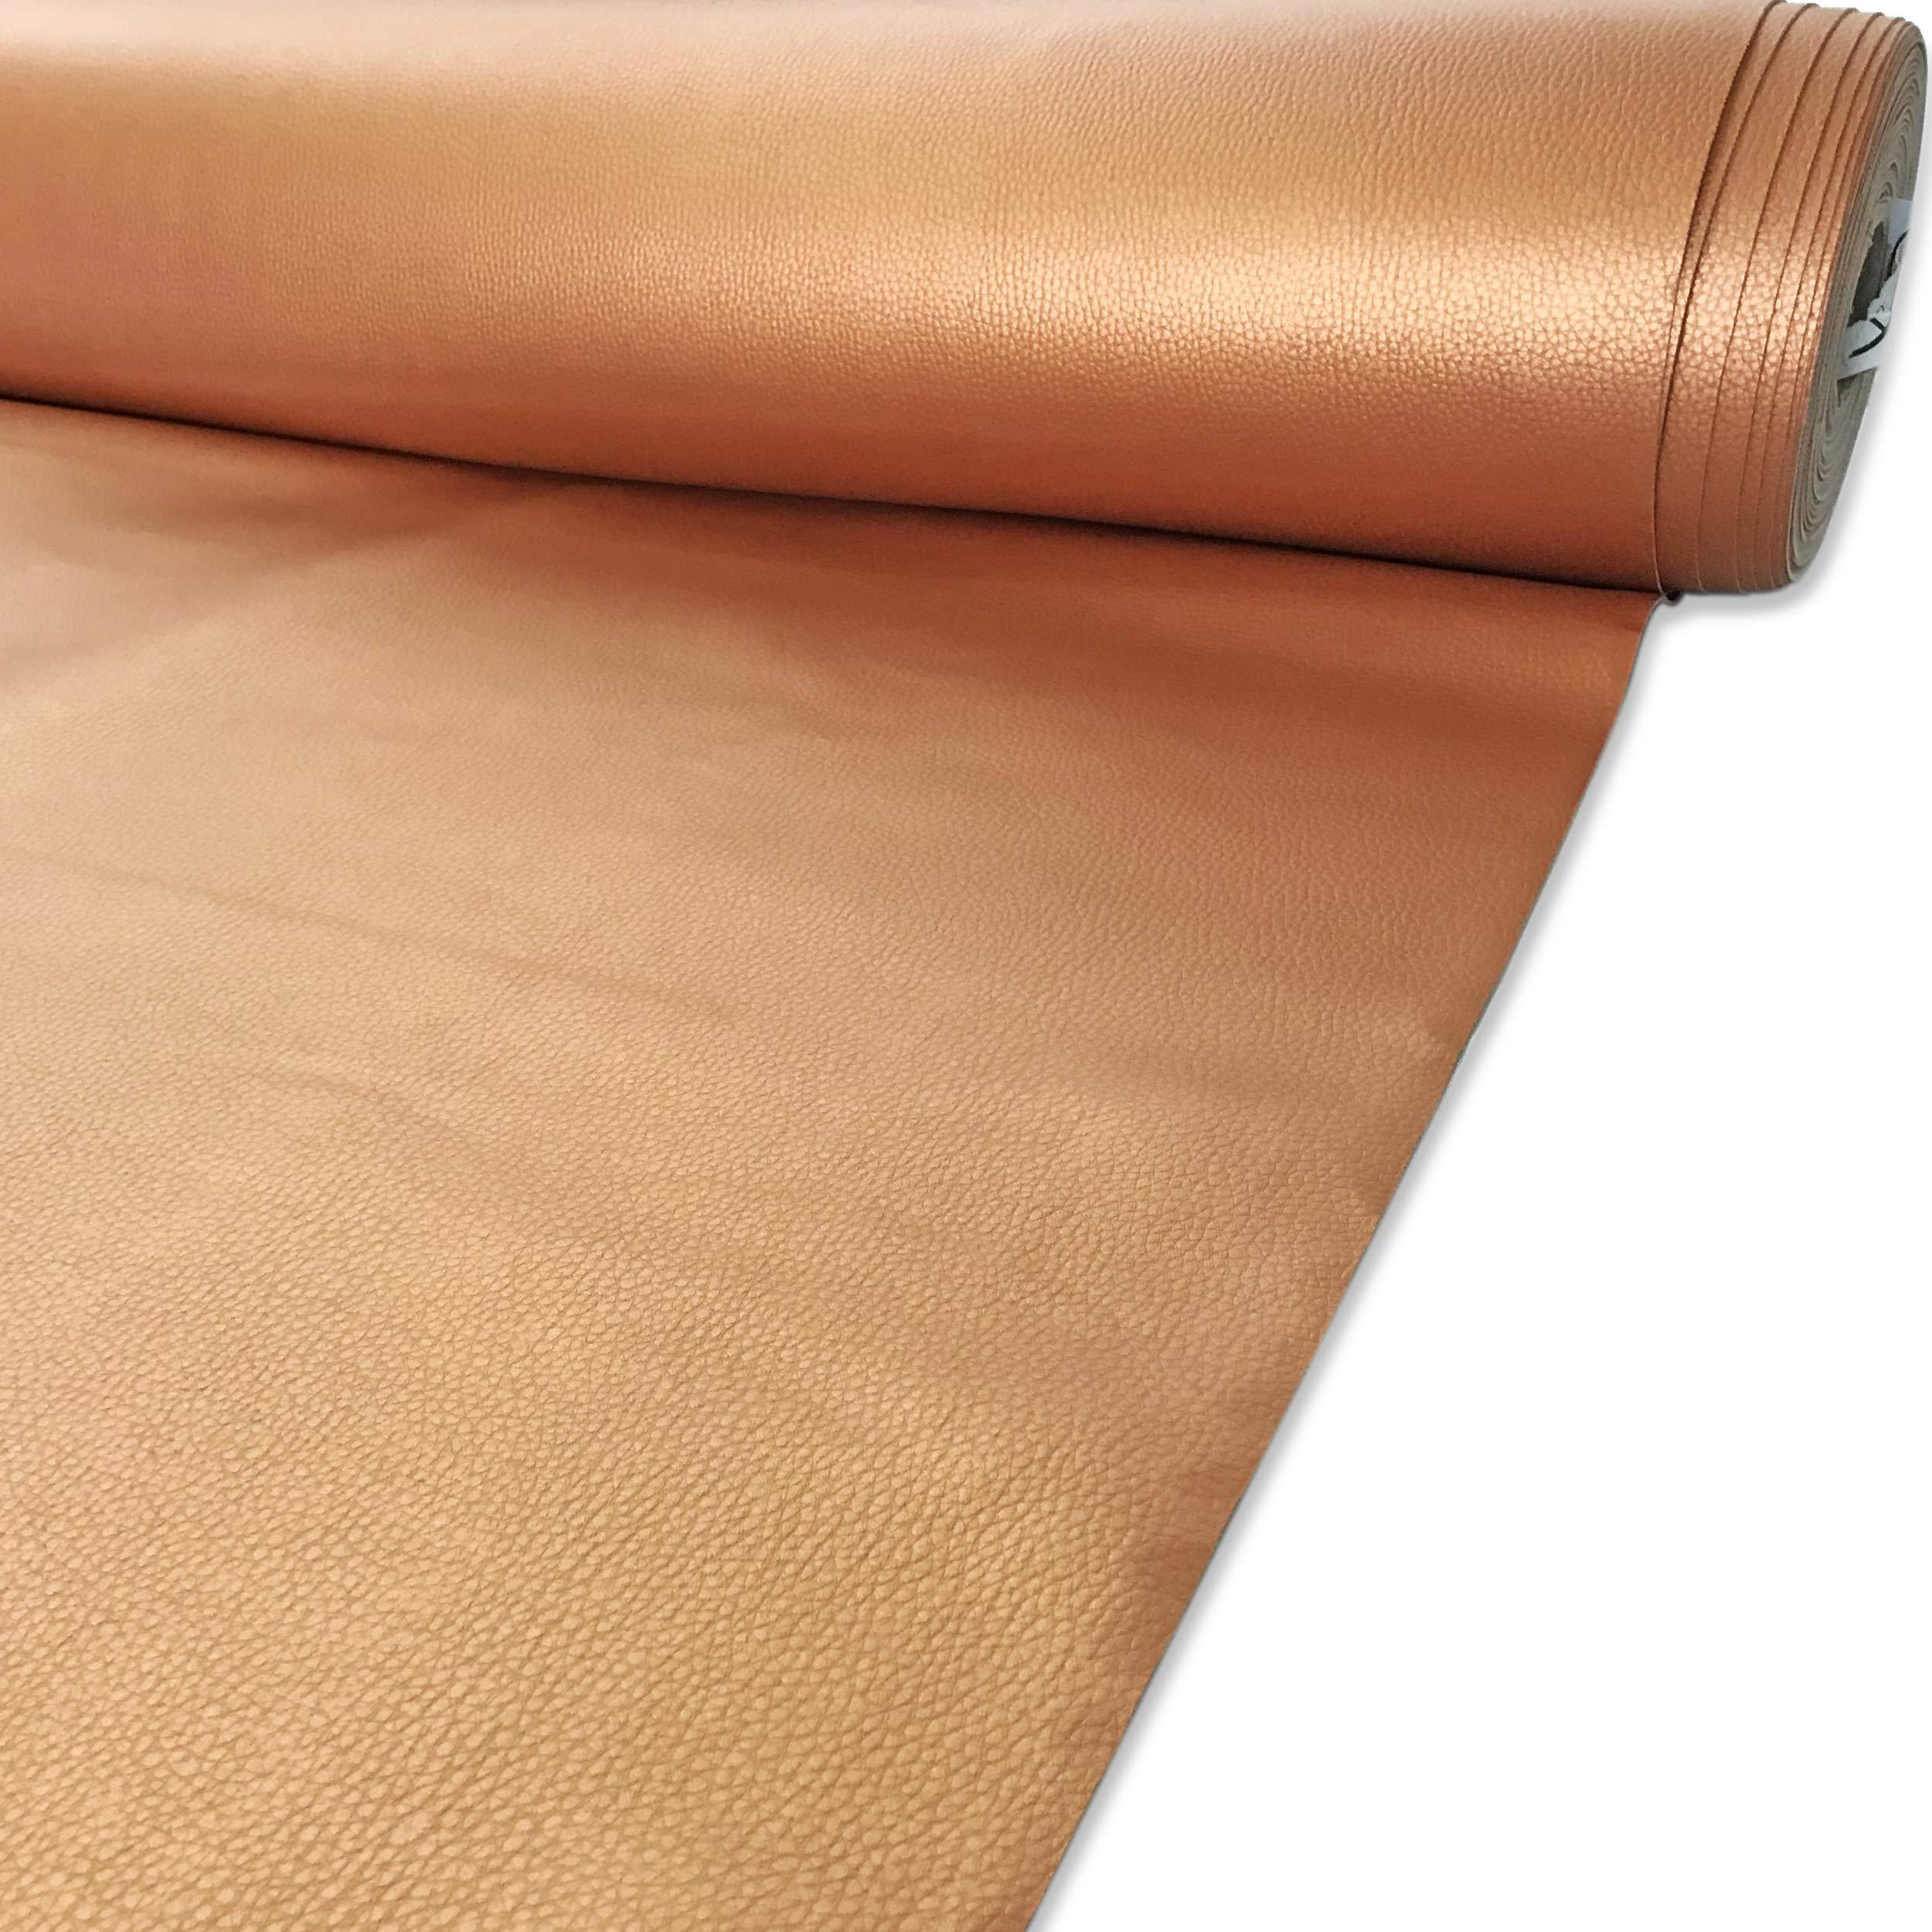 Se vende por metros sillas Panini Tessuti Suave tejido de piel ecol/ógica Ideal para decoraci/ón de sof/ás bolsos 1 unidad = 50 cm; 2 unidades = 100 cm